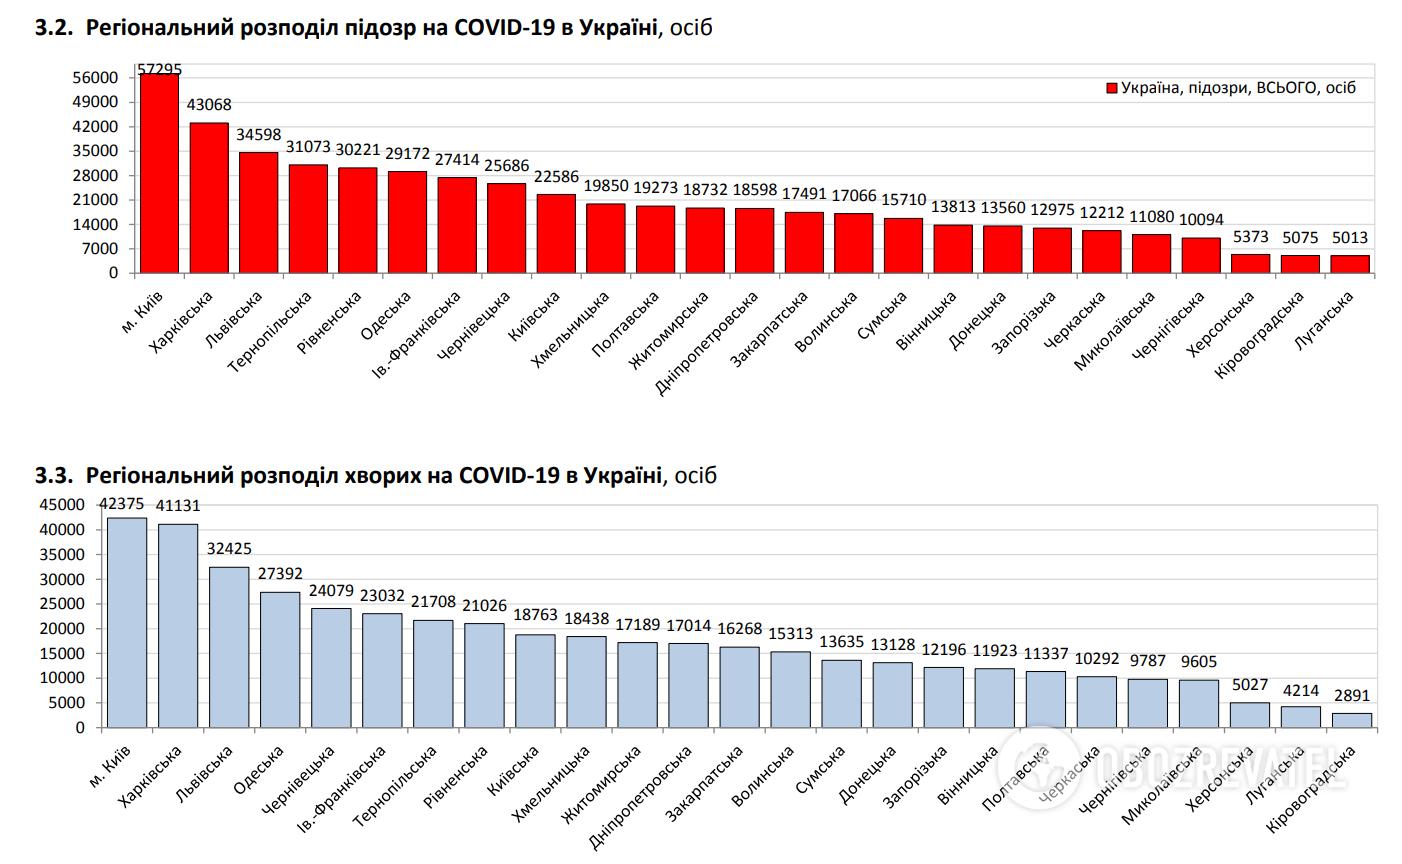 Региональное распределение подозрений на COVID-19.